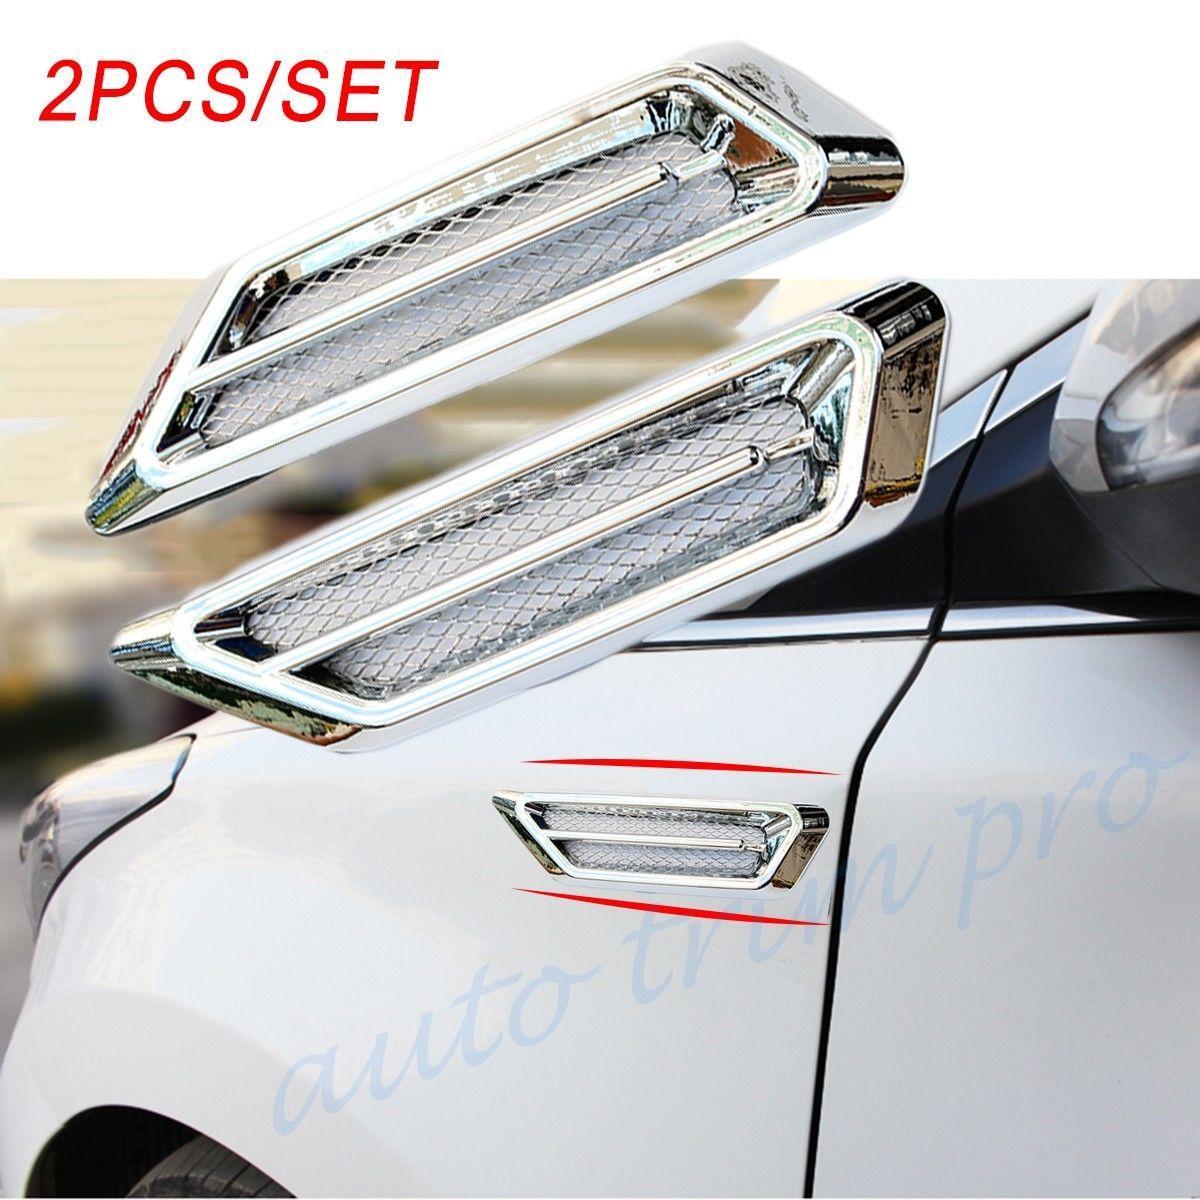 2pcs Chrome camion dell'automobile Fender Stampaggio simulazione del flusso d'aria di ventilazione in ingresso Grille Stripes accessori della decorazione Trim